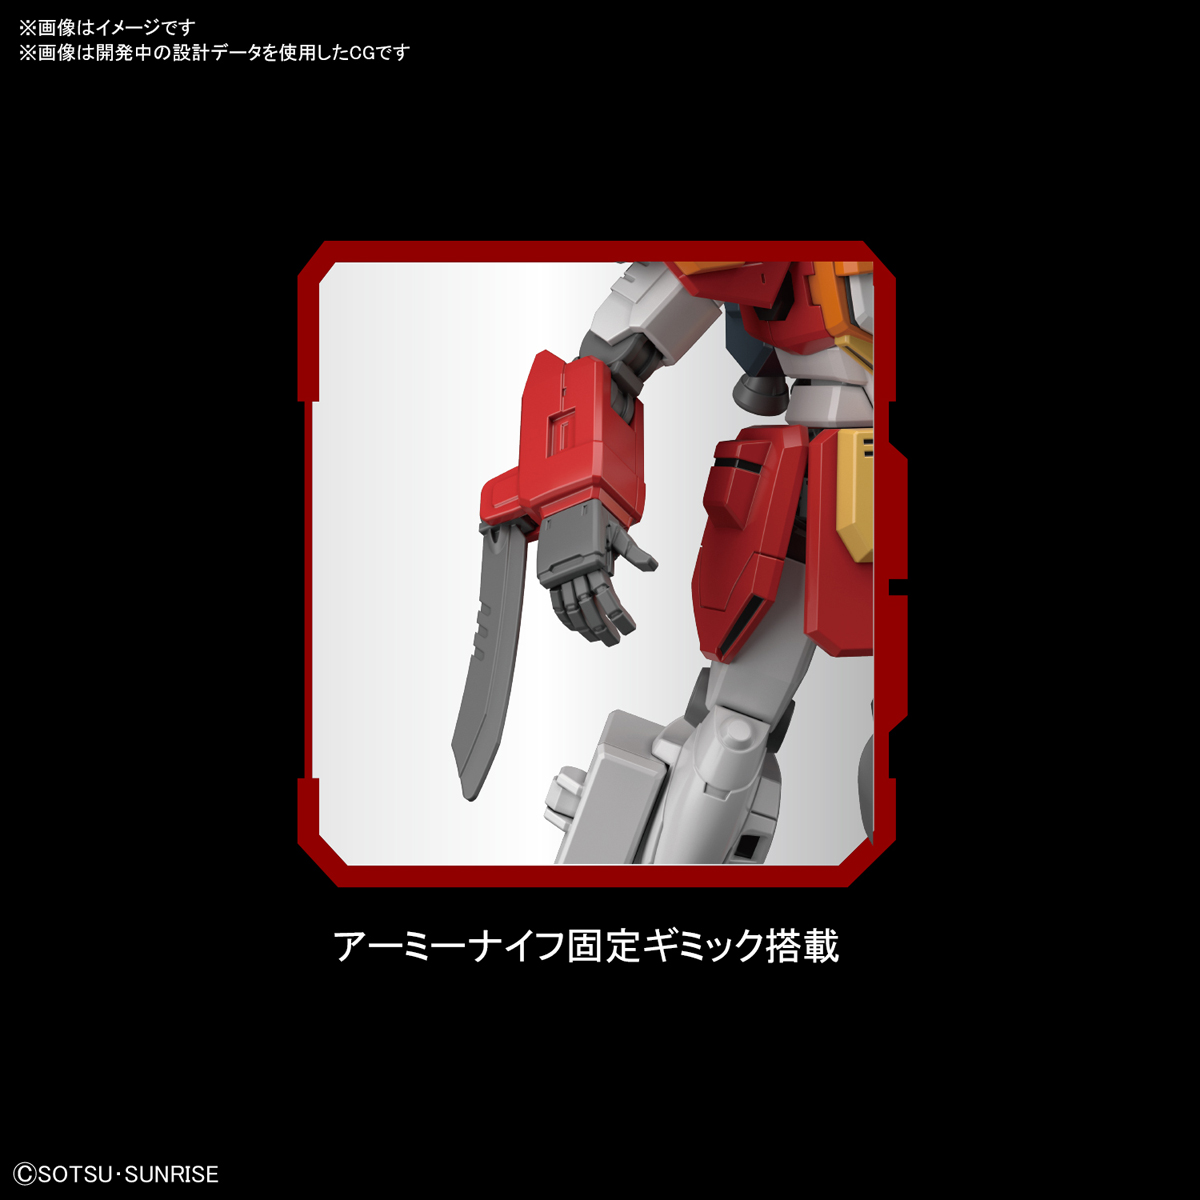 HG 1/144『ガンダムヘビーアームズ』ガンダムW プラモデル-004